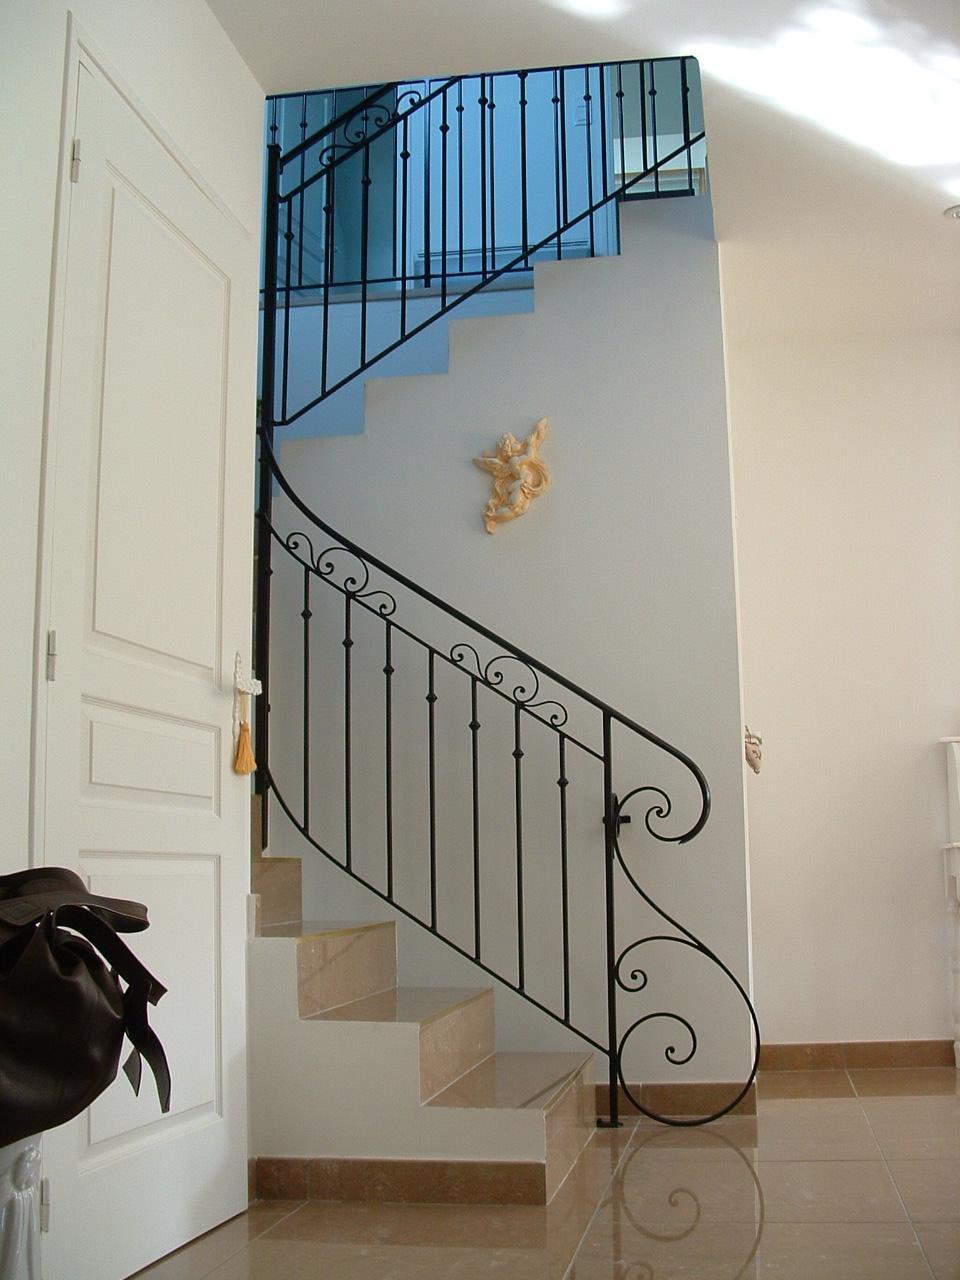 rampe classique avec départ forgé décoratif, peinture noire satinée